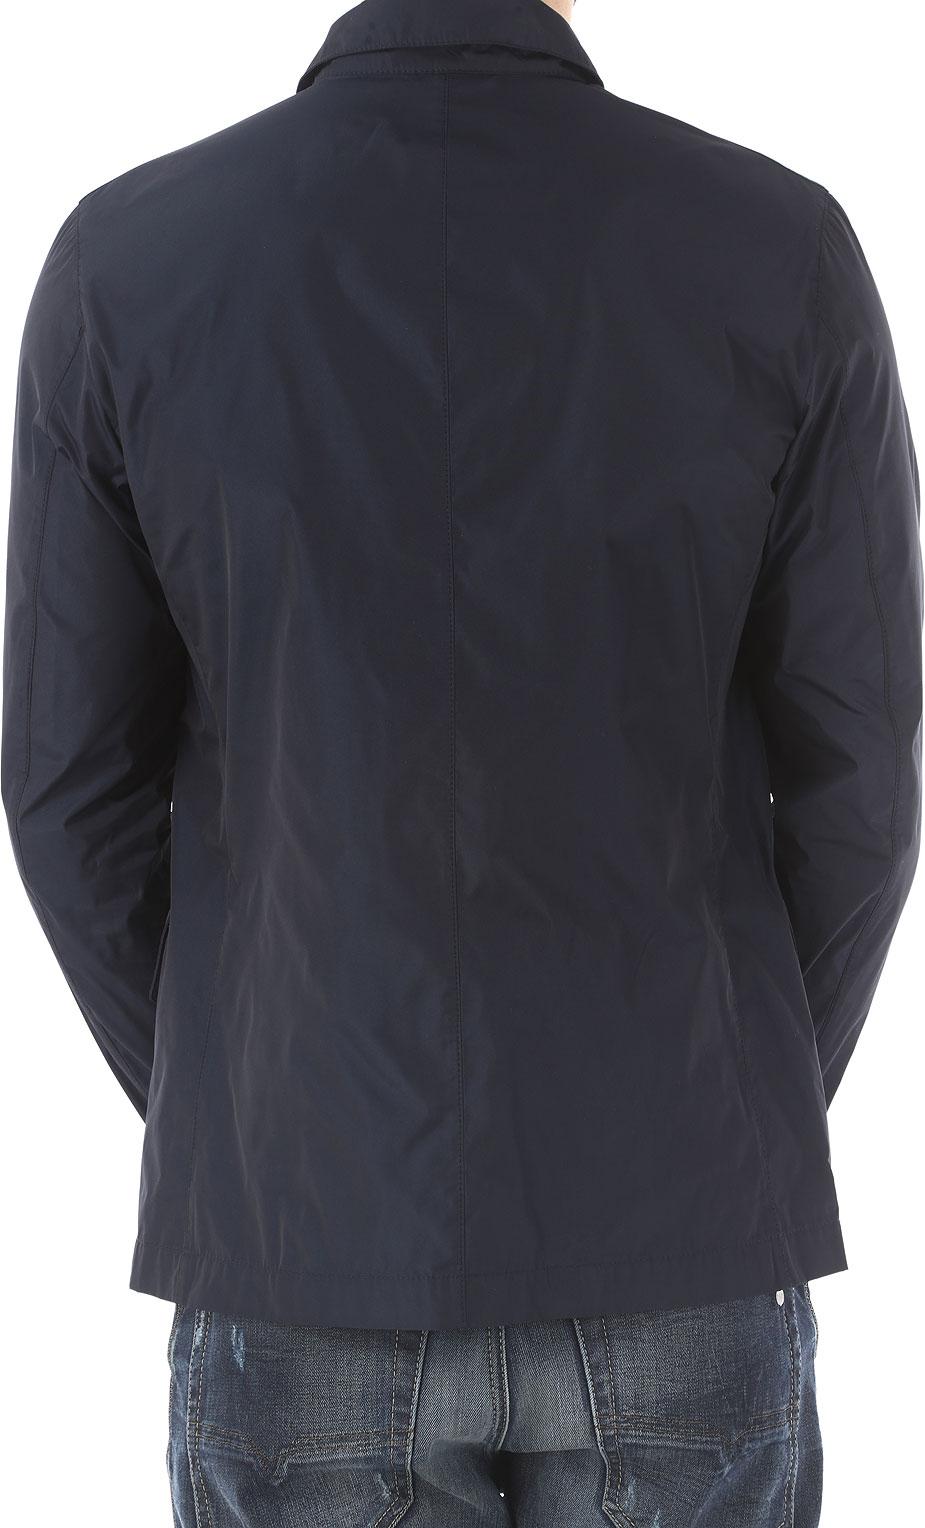 Abbigliamento Uomo Fay, Codice Articolo: nam193410700bju807--